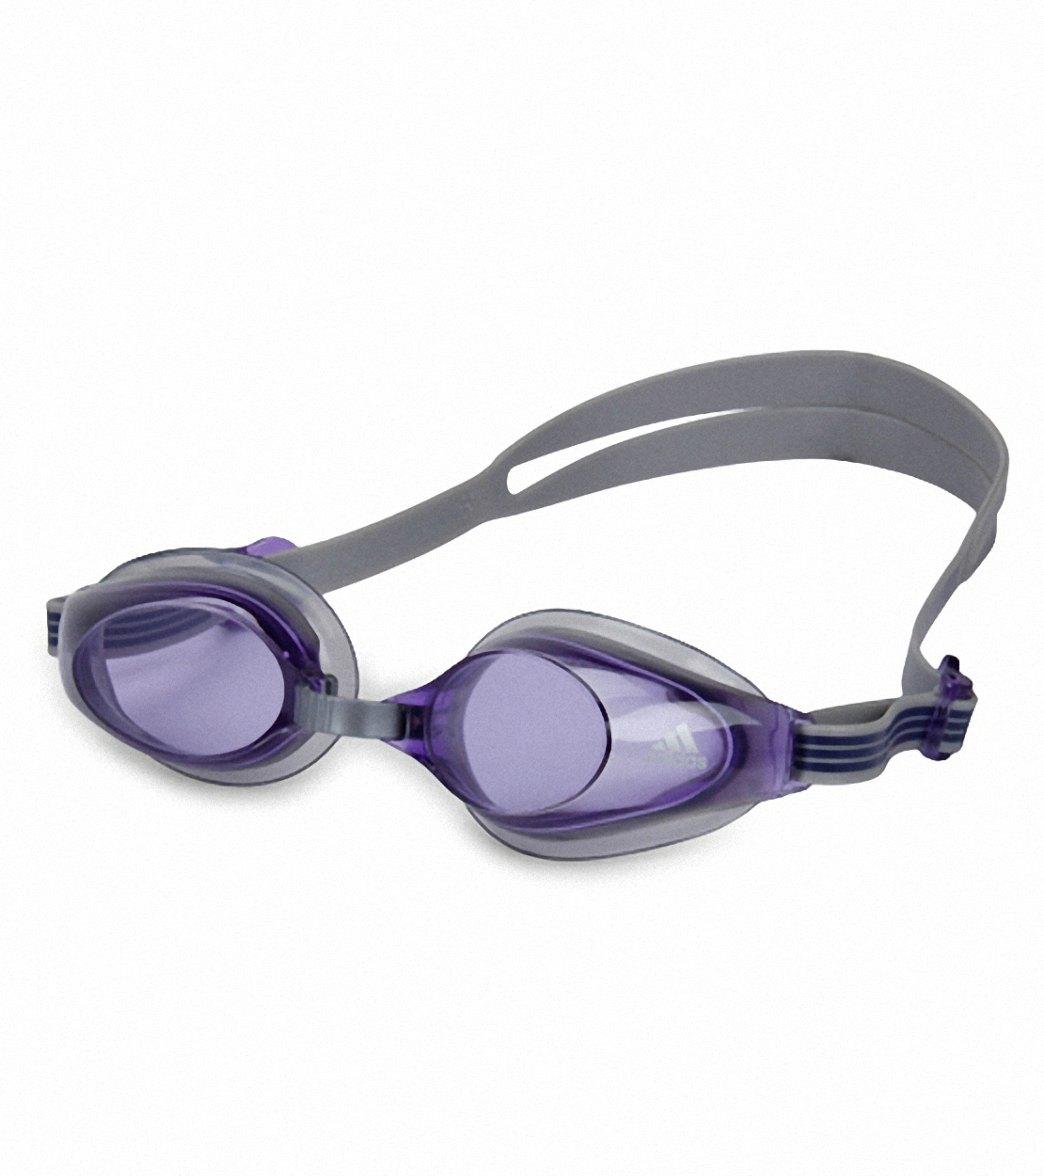 d43952761b43 Adidas Aquastorm Goggle at SwimOutlet.com